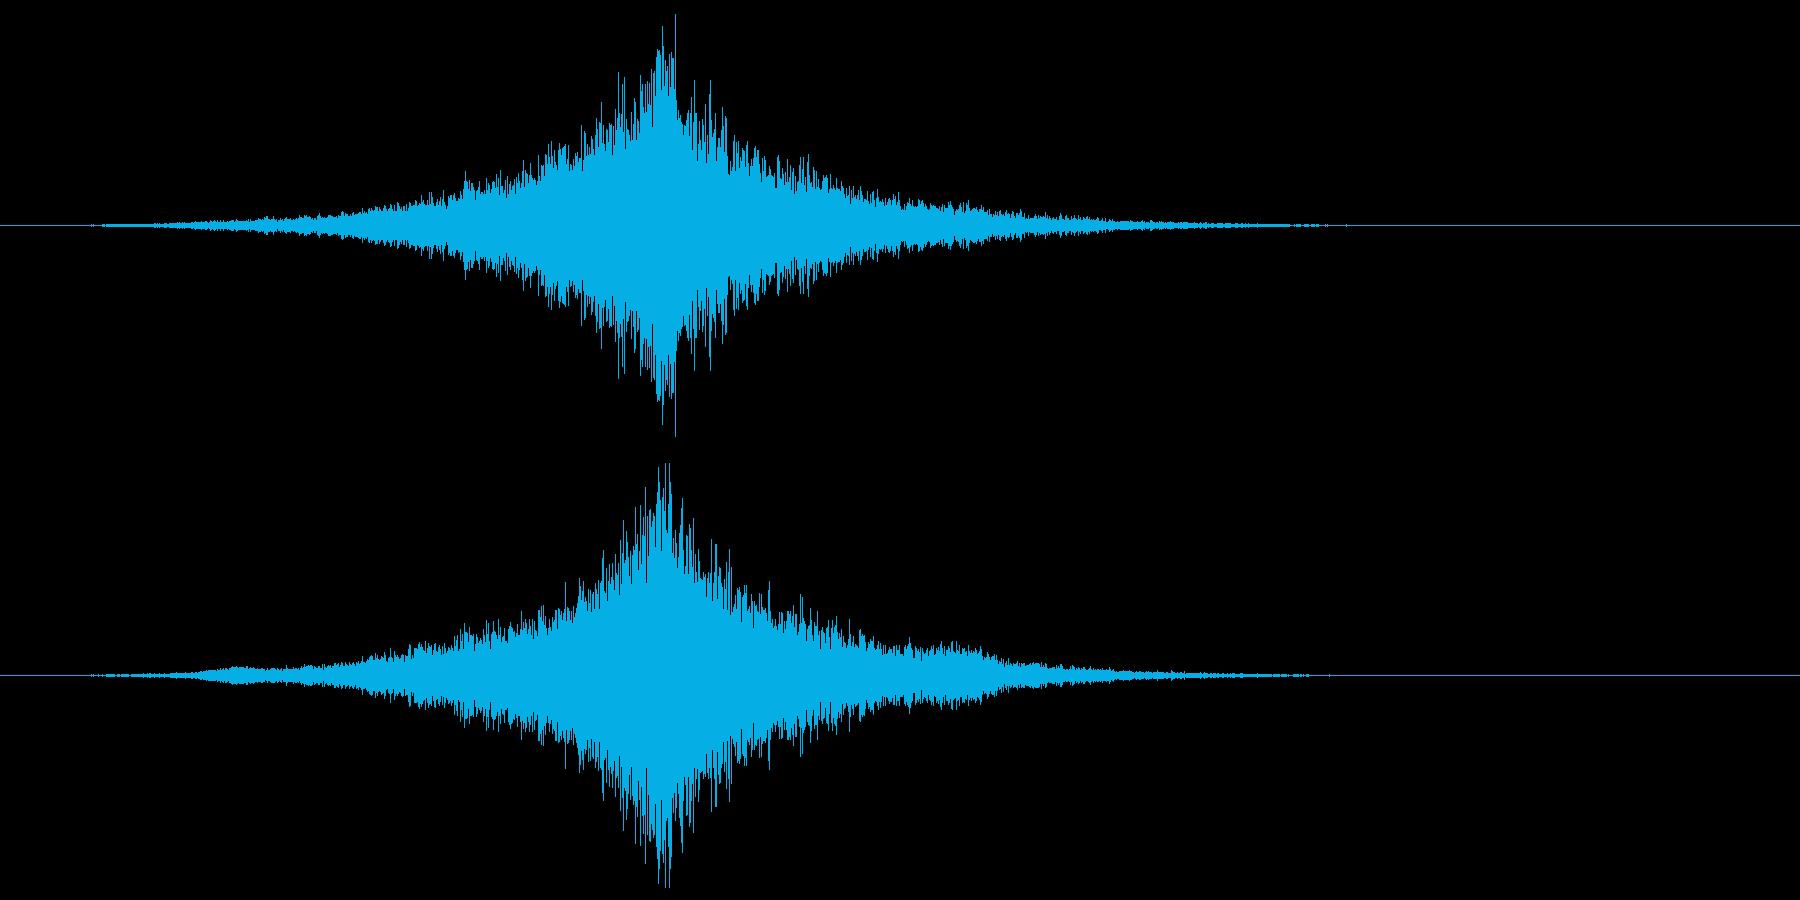 宇宙船・飛翔体通過 中央ゆっくりの再生済みの波形